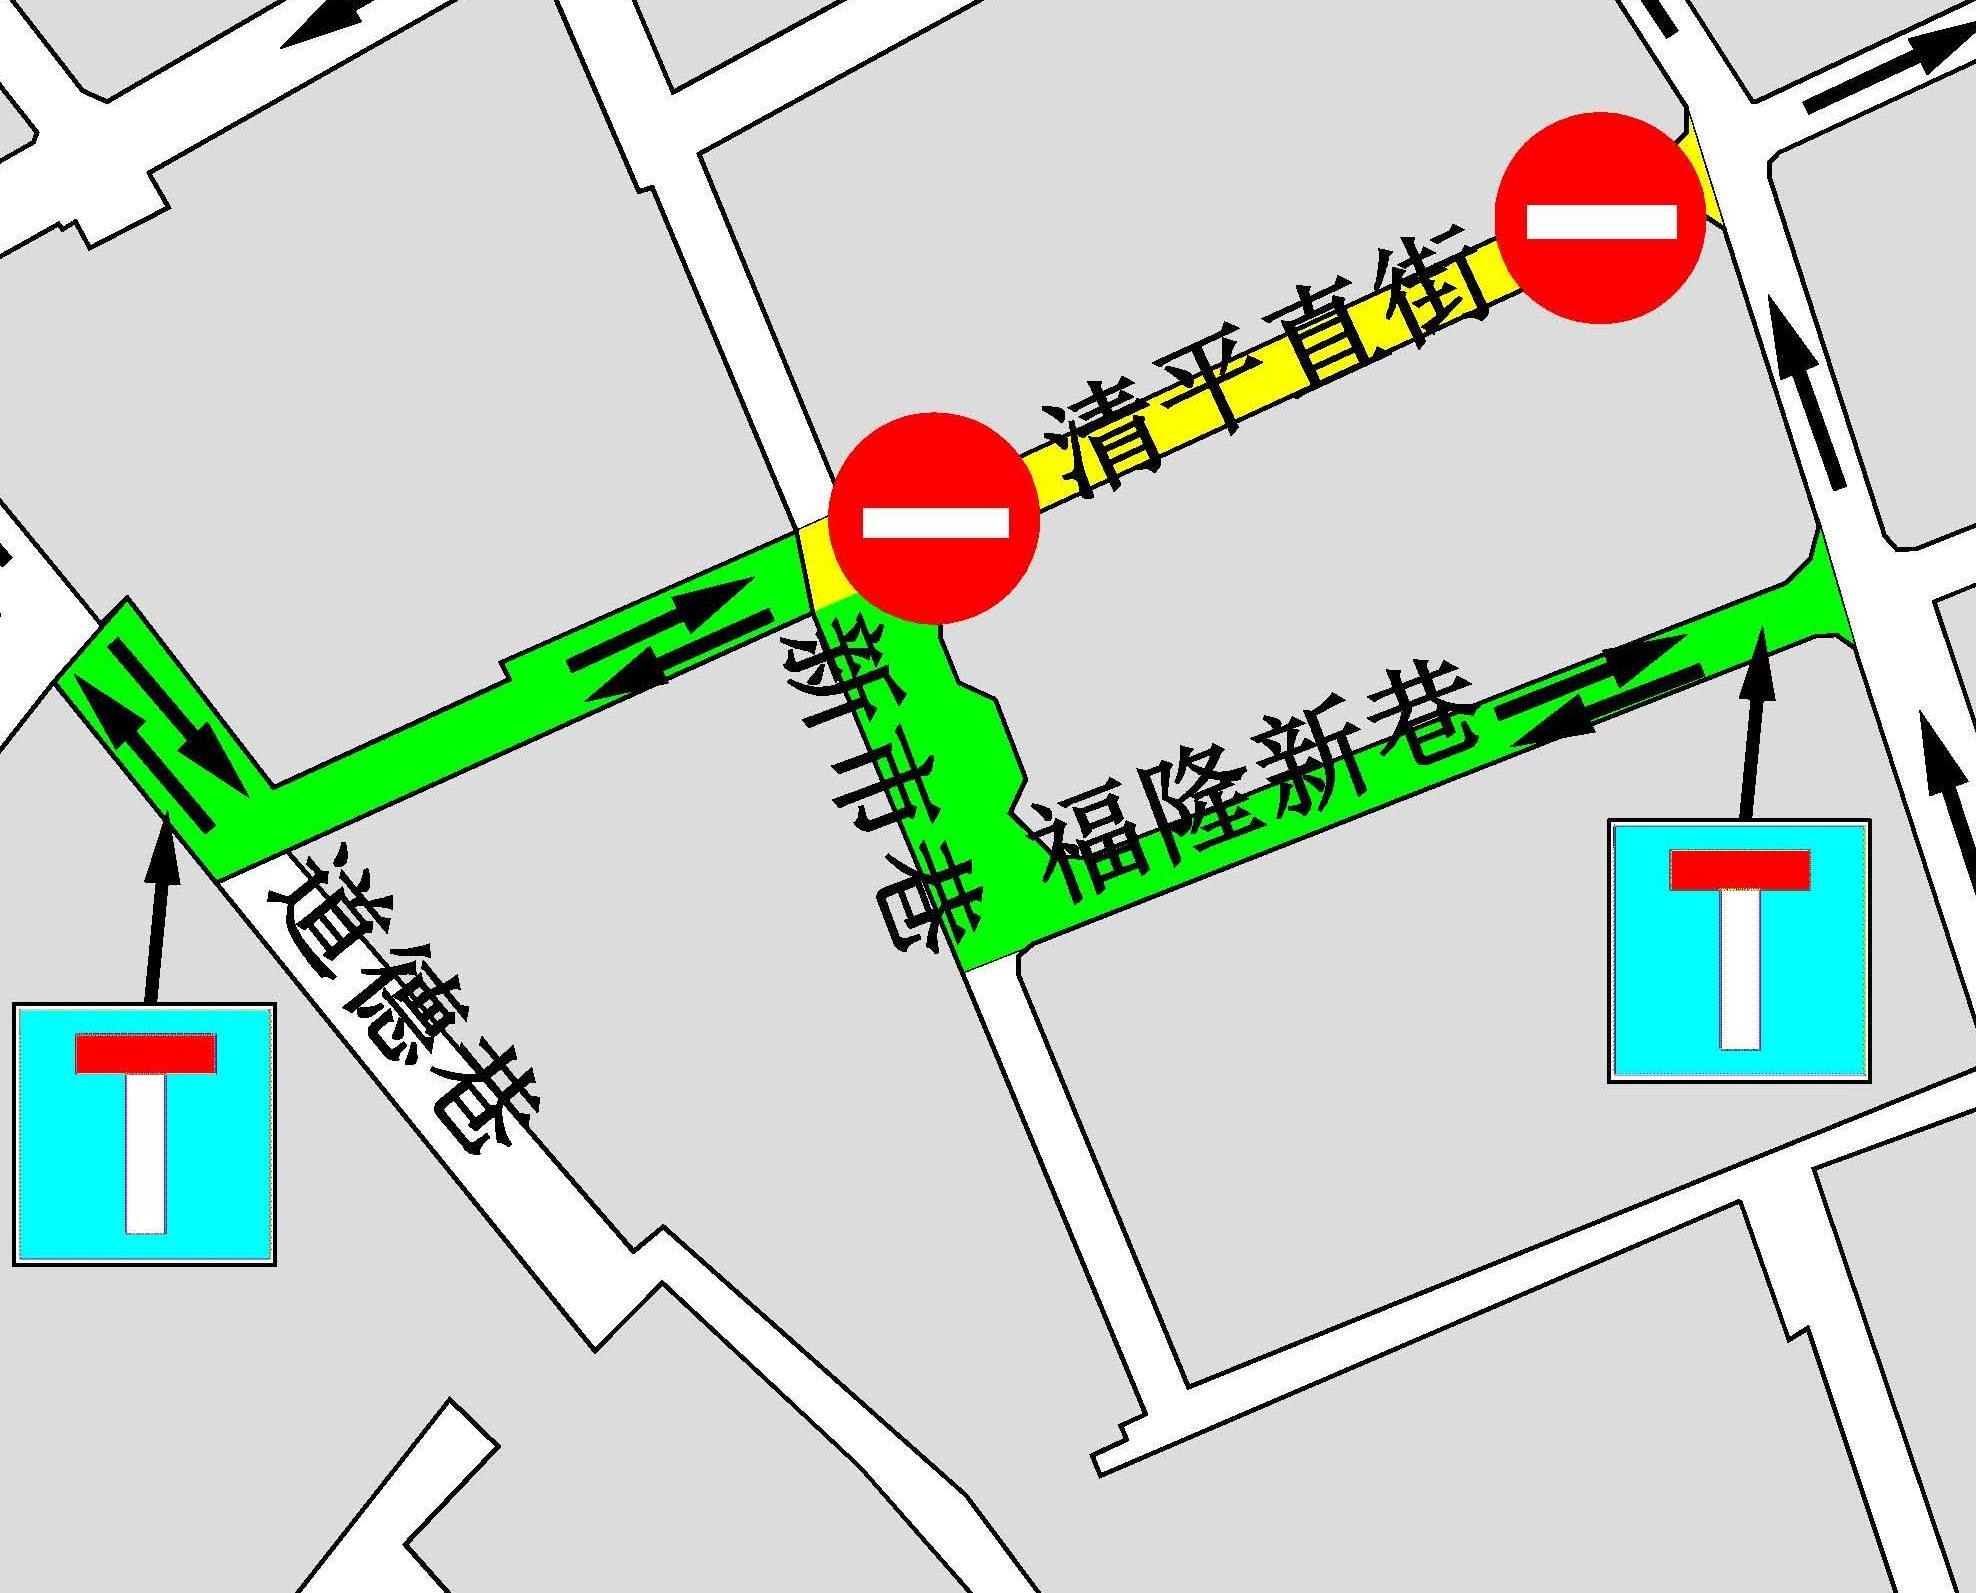 清平直街下周一起交通改道